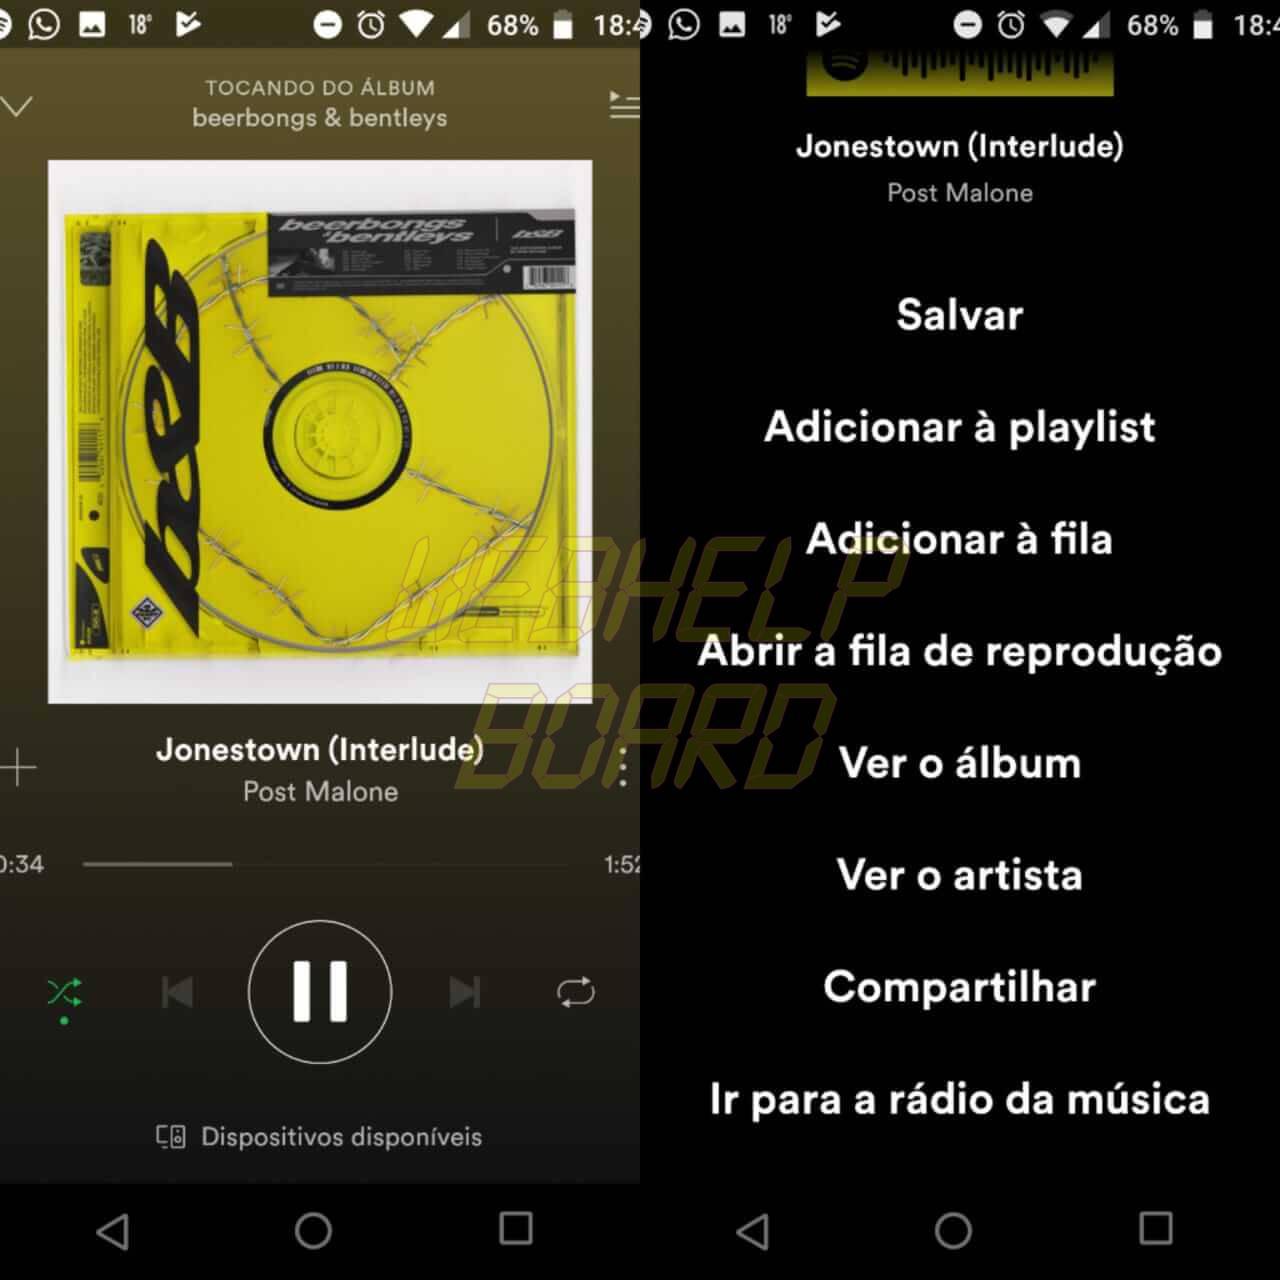 WhatsApp Image 2018 05 21 at 19.01.12 - Como compartilhar músicas do Spotify no Instagram